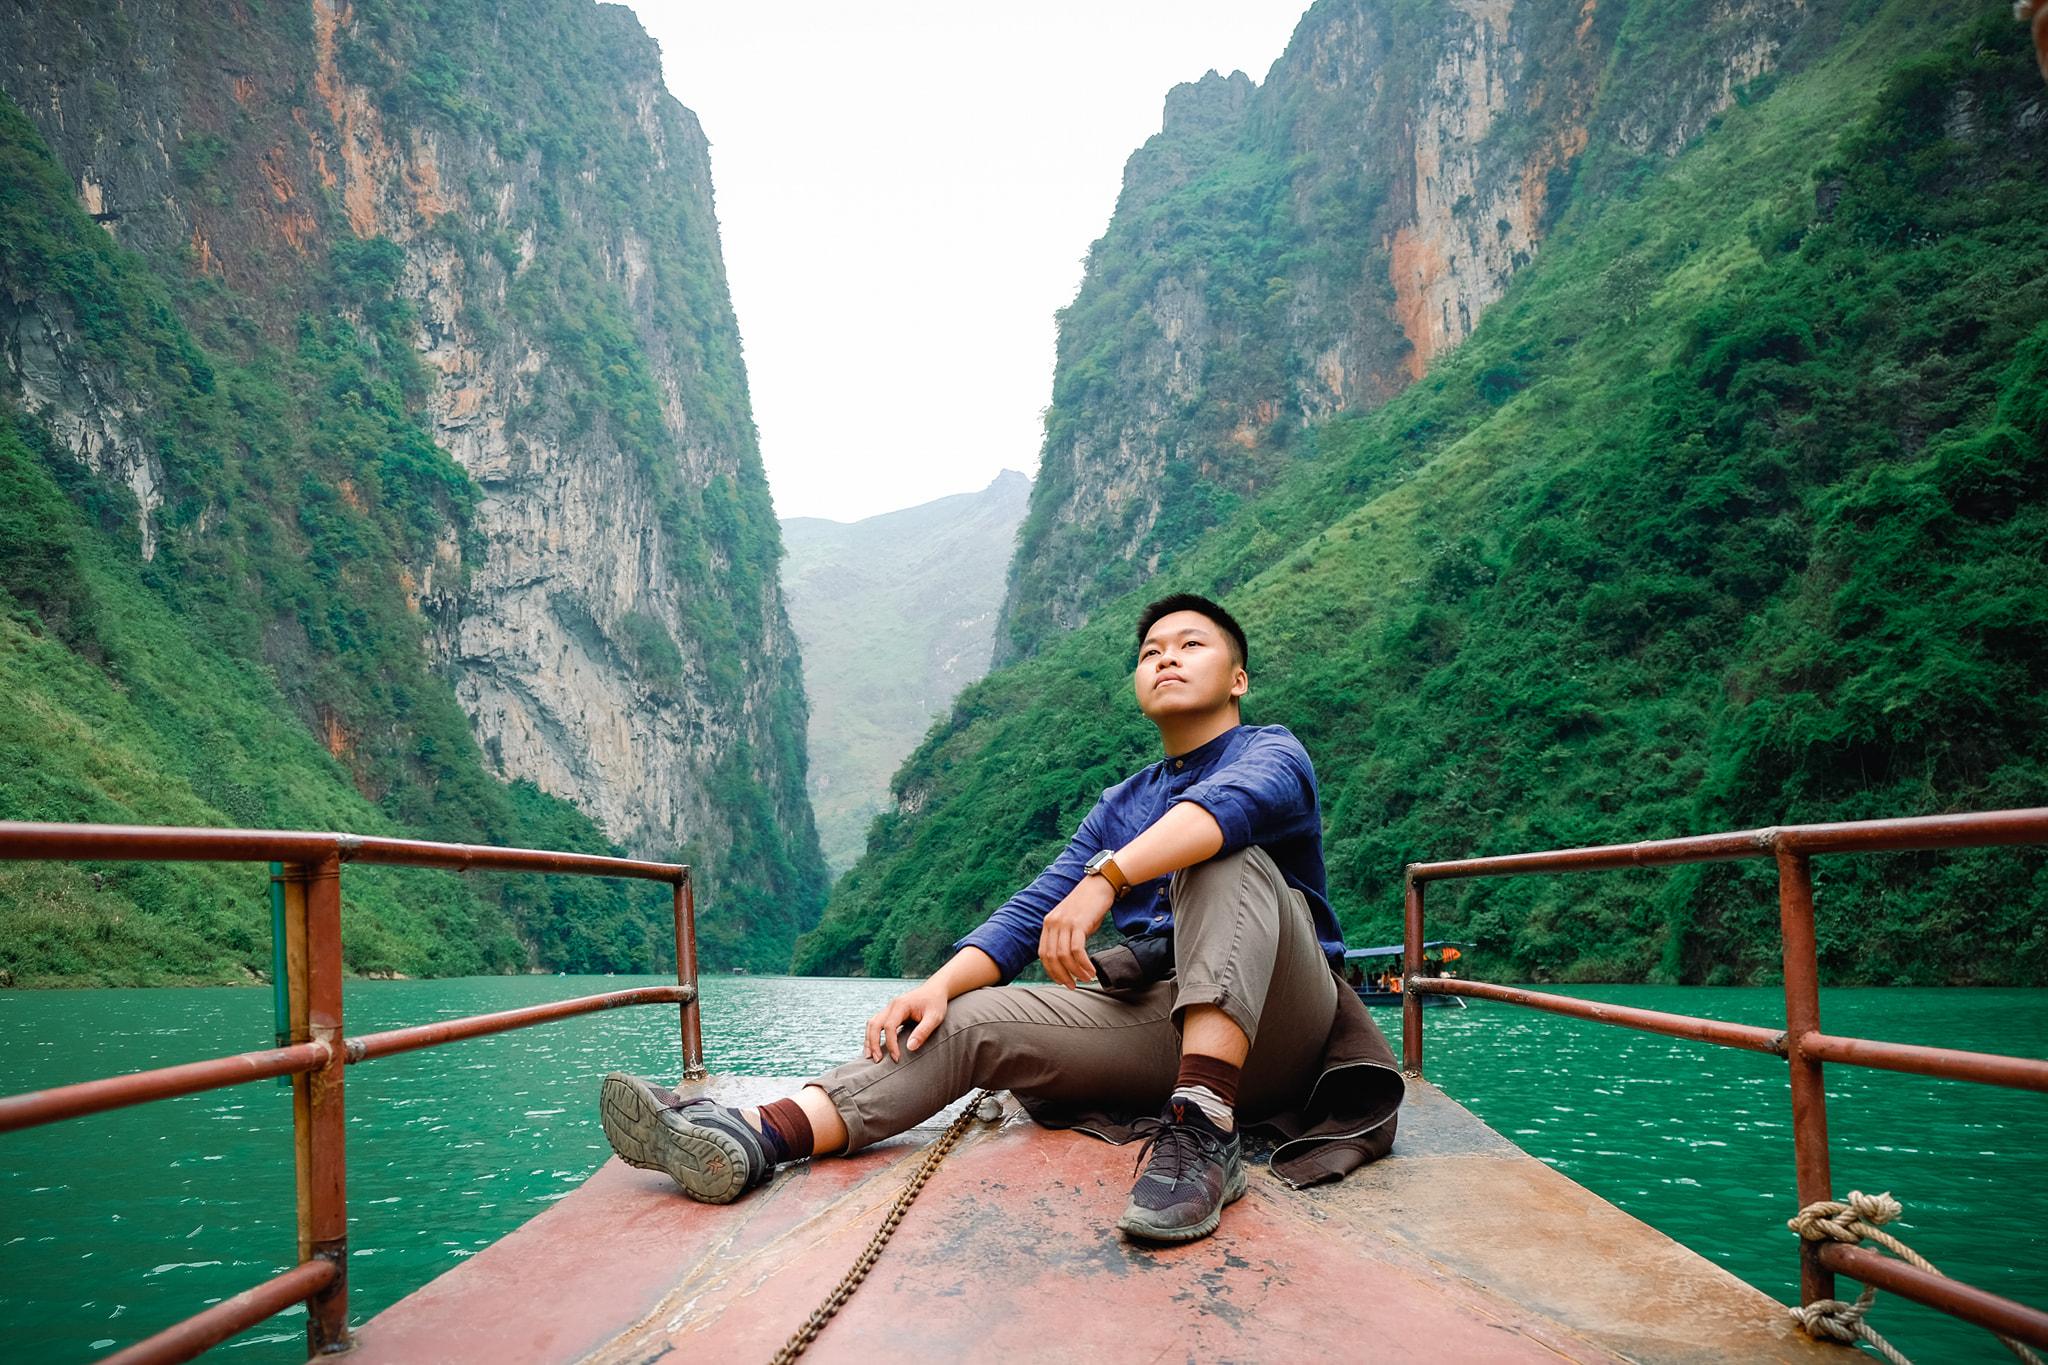 Khám phá Mã Pí Lèng, một trong 'tứ đại đỉnh đèo' của Việt Nam  - Ảnh 6.